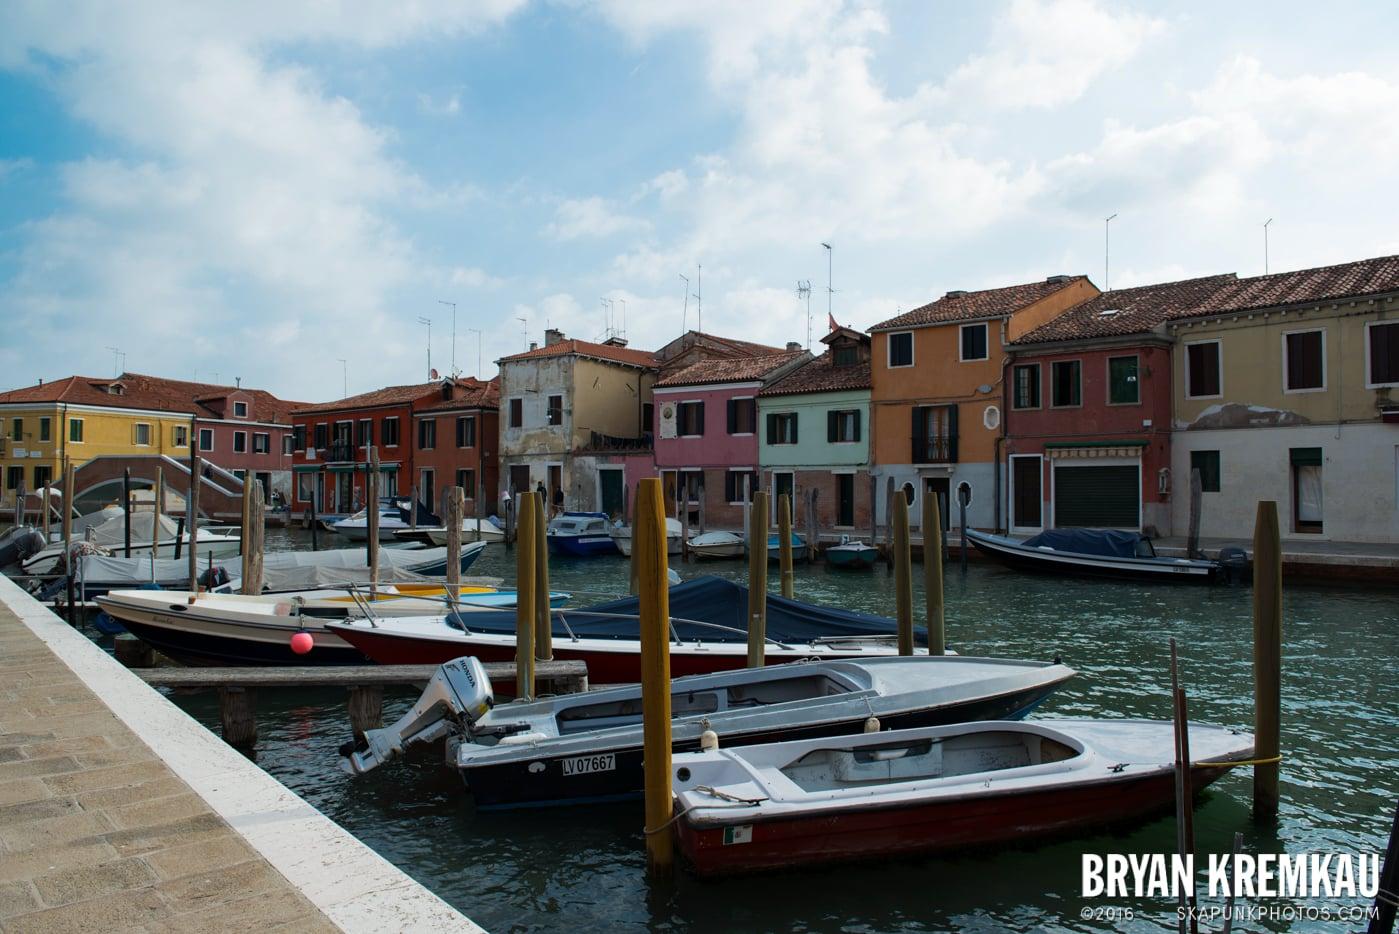 Italy Vacation - Day 6: Murano, Burano, Venice - 9.14.13 (86)